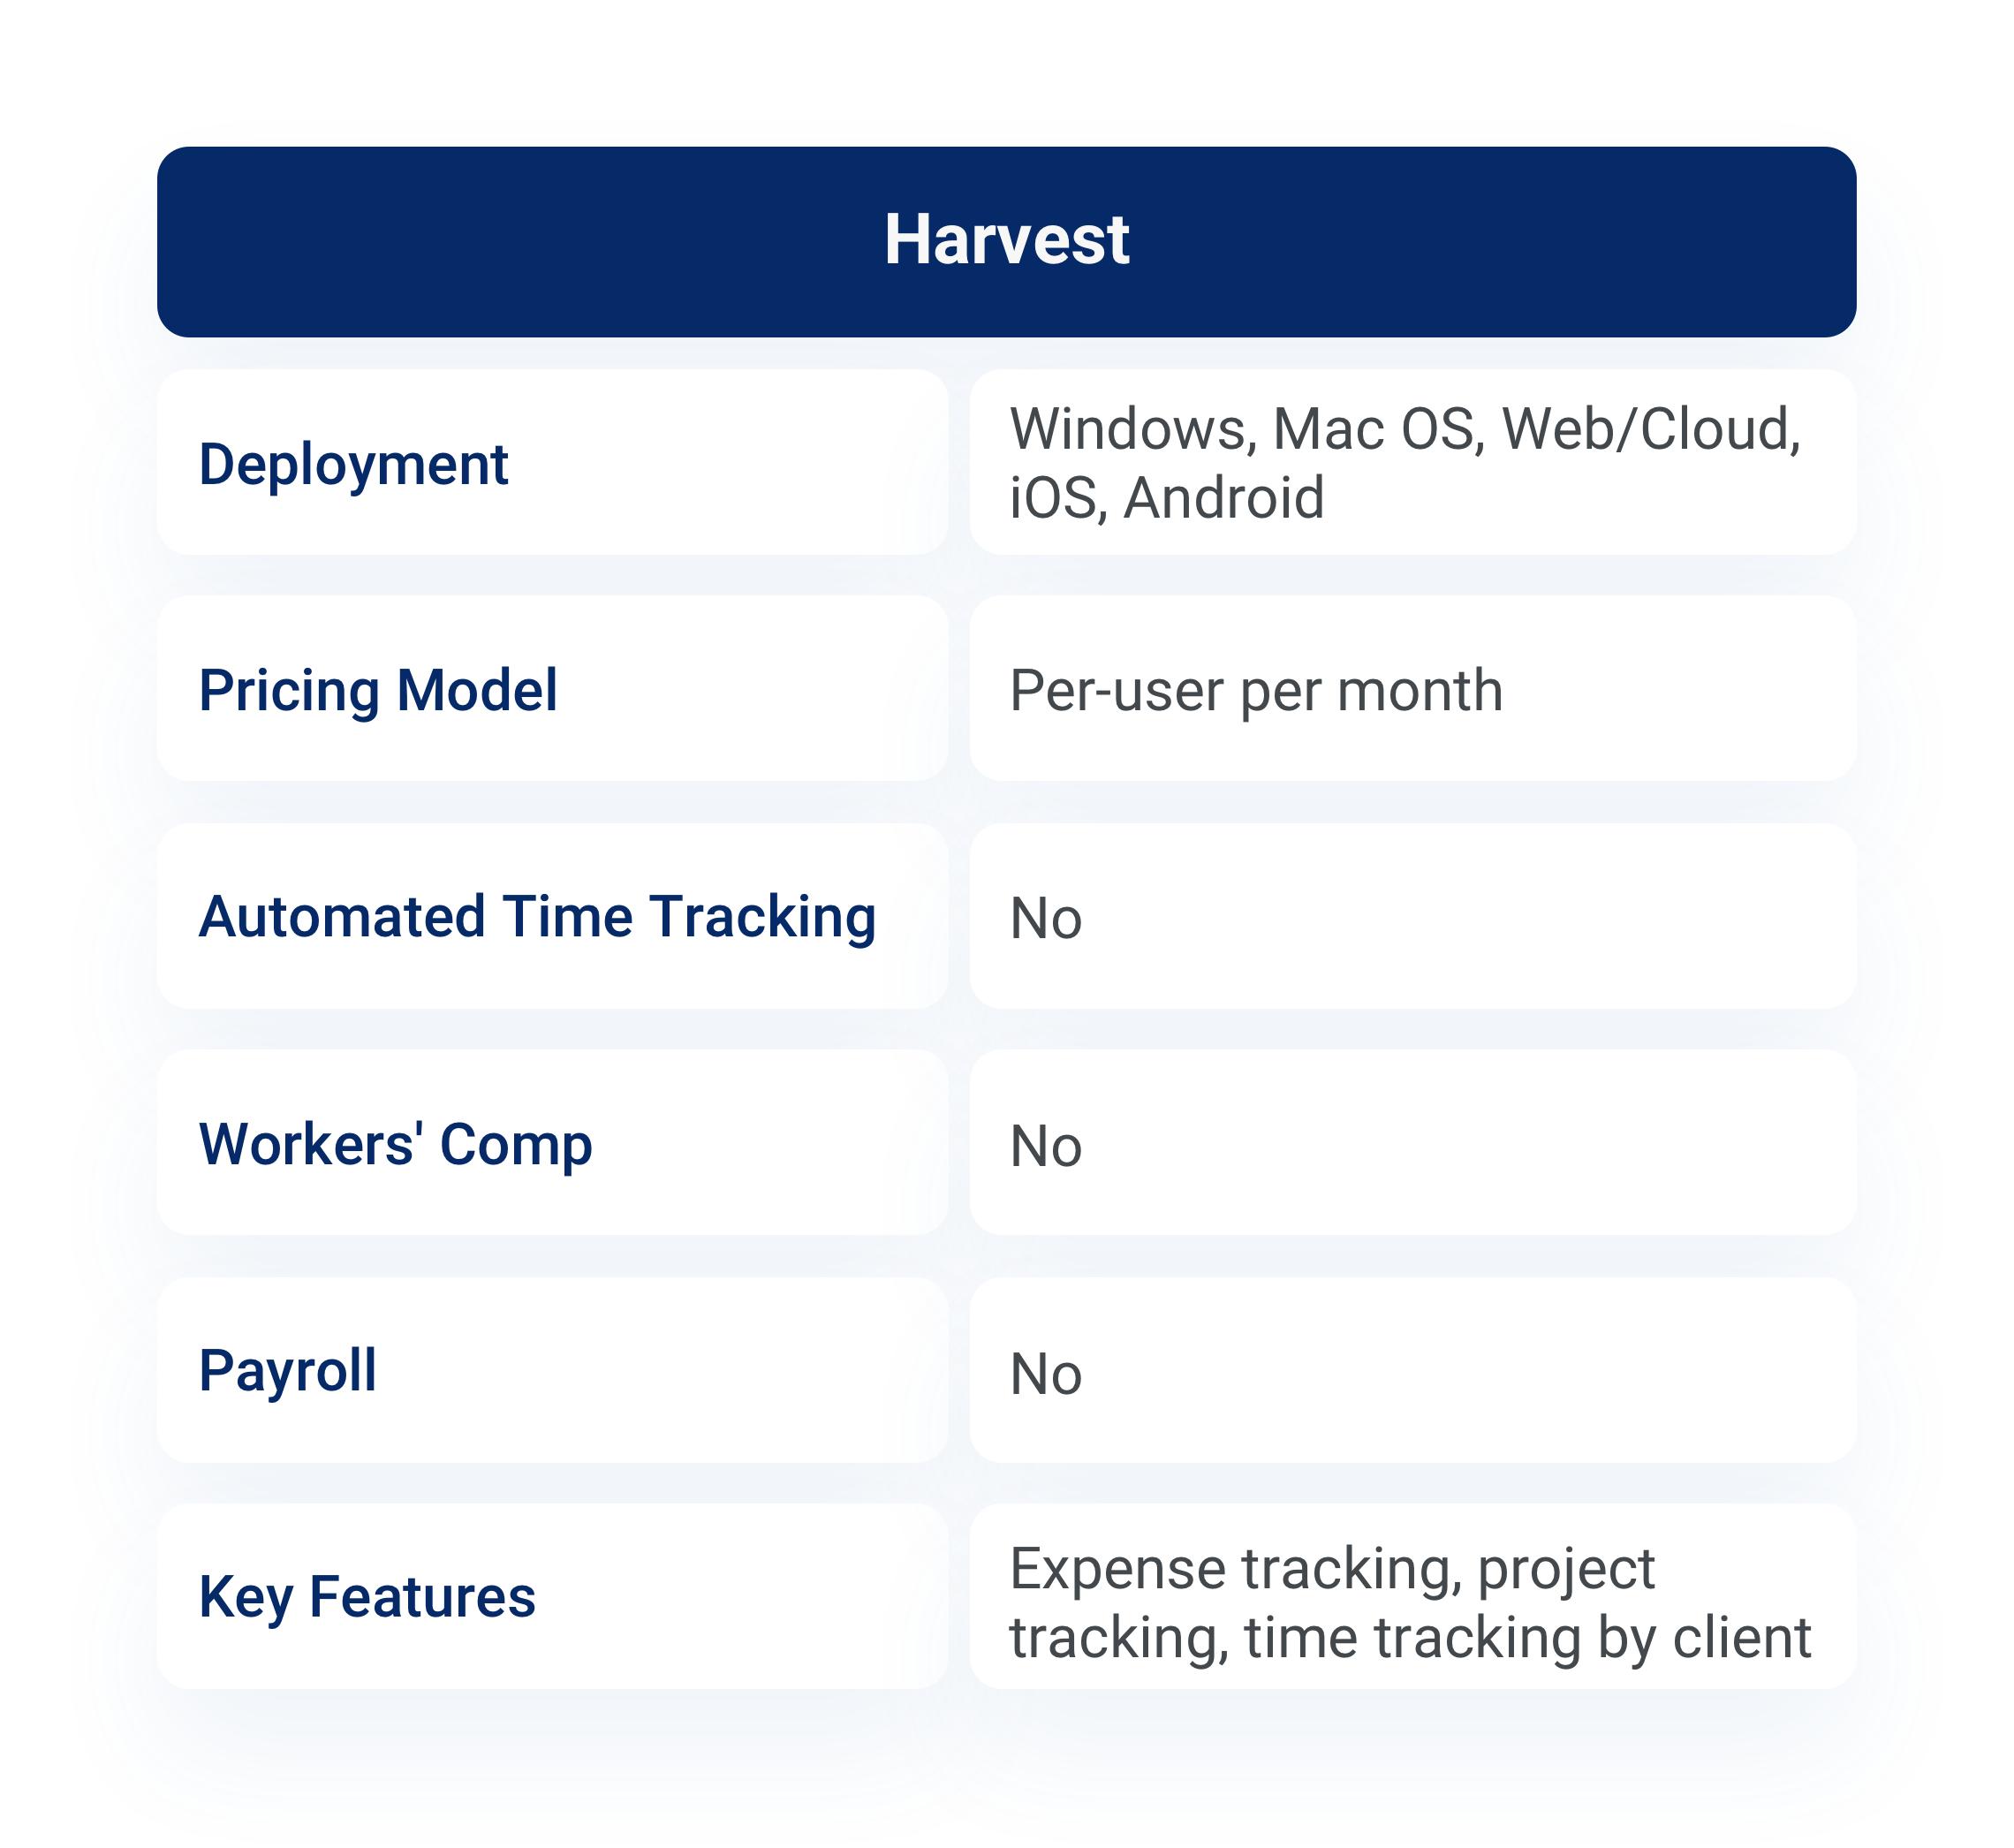 Harvest product description